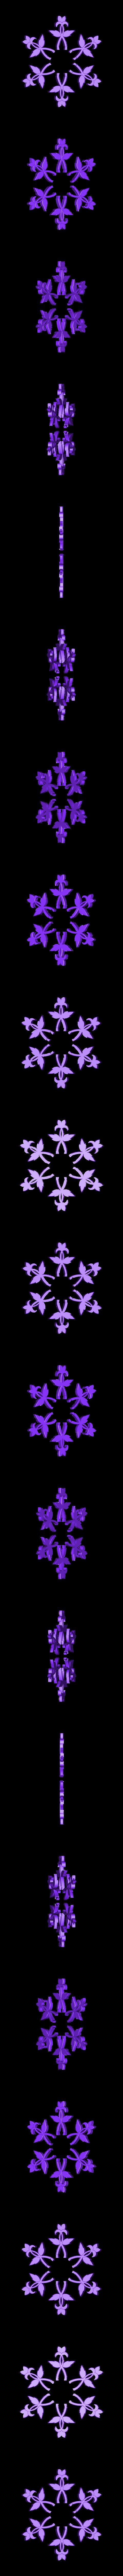 RoseflakeDXt-G.STL Télécharger fichier STL gratuit Rose Snowflake • Modèle à imprimer en 3D, Vexelius